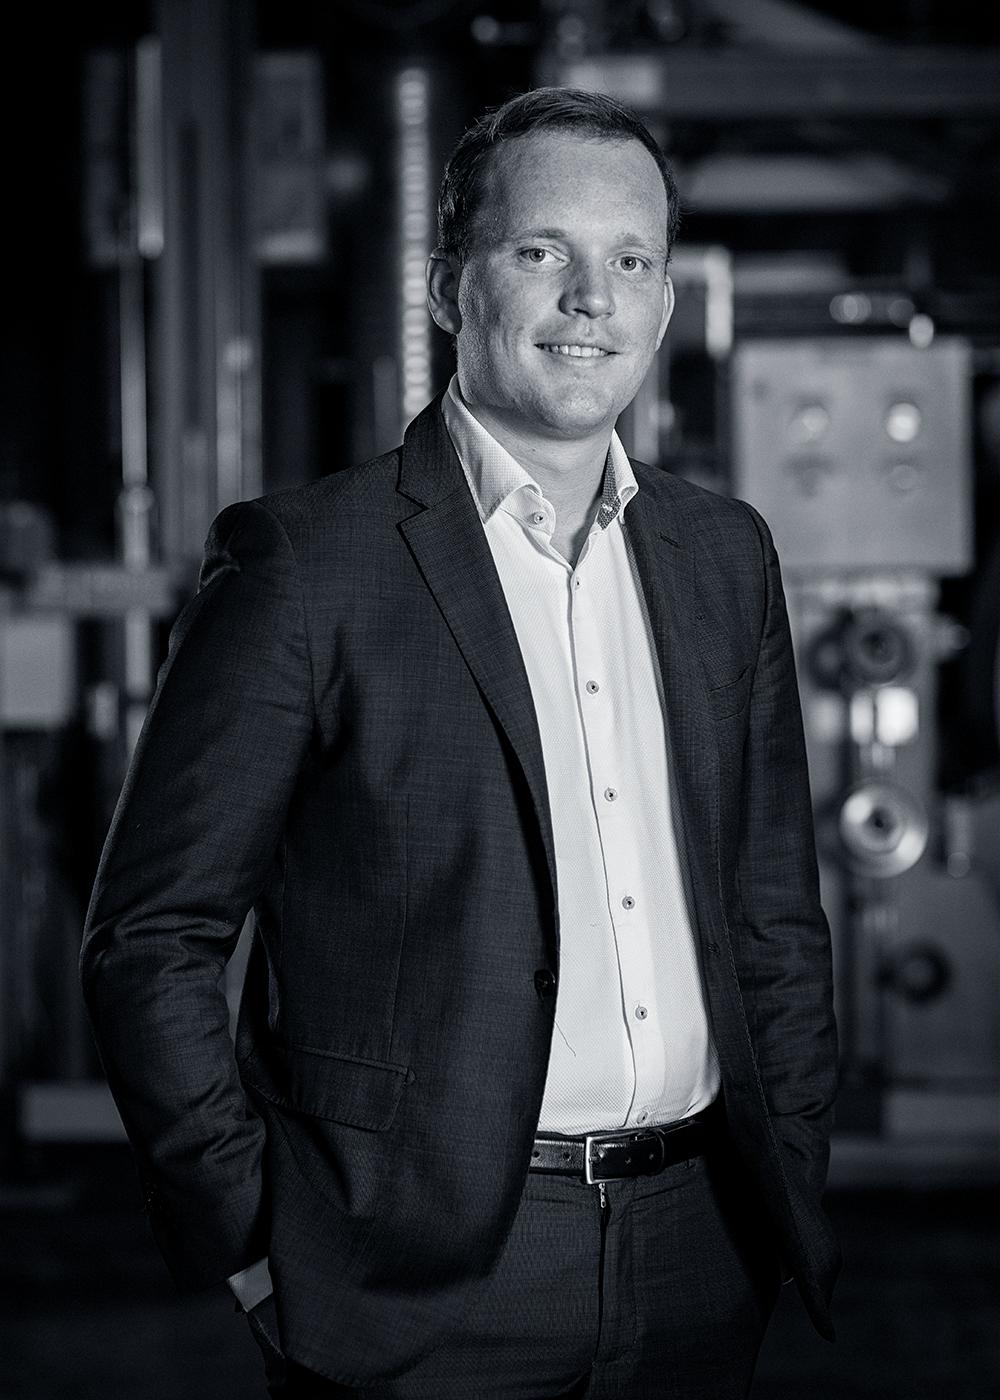 FredrikJohansson.jpg